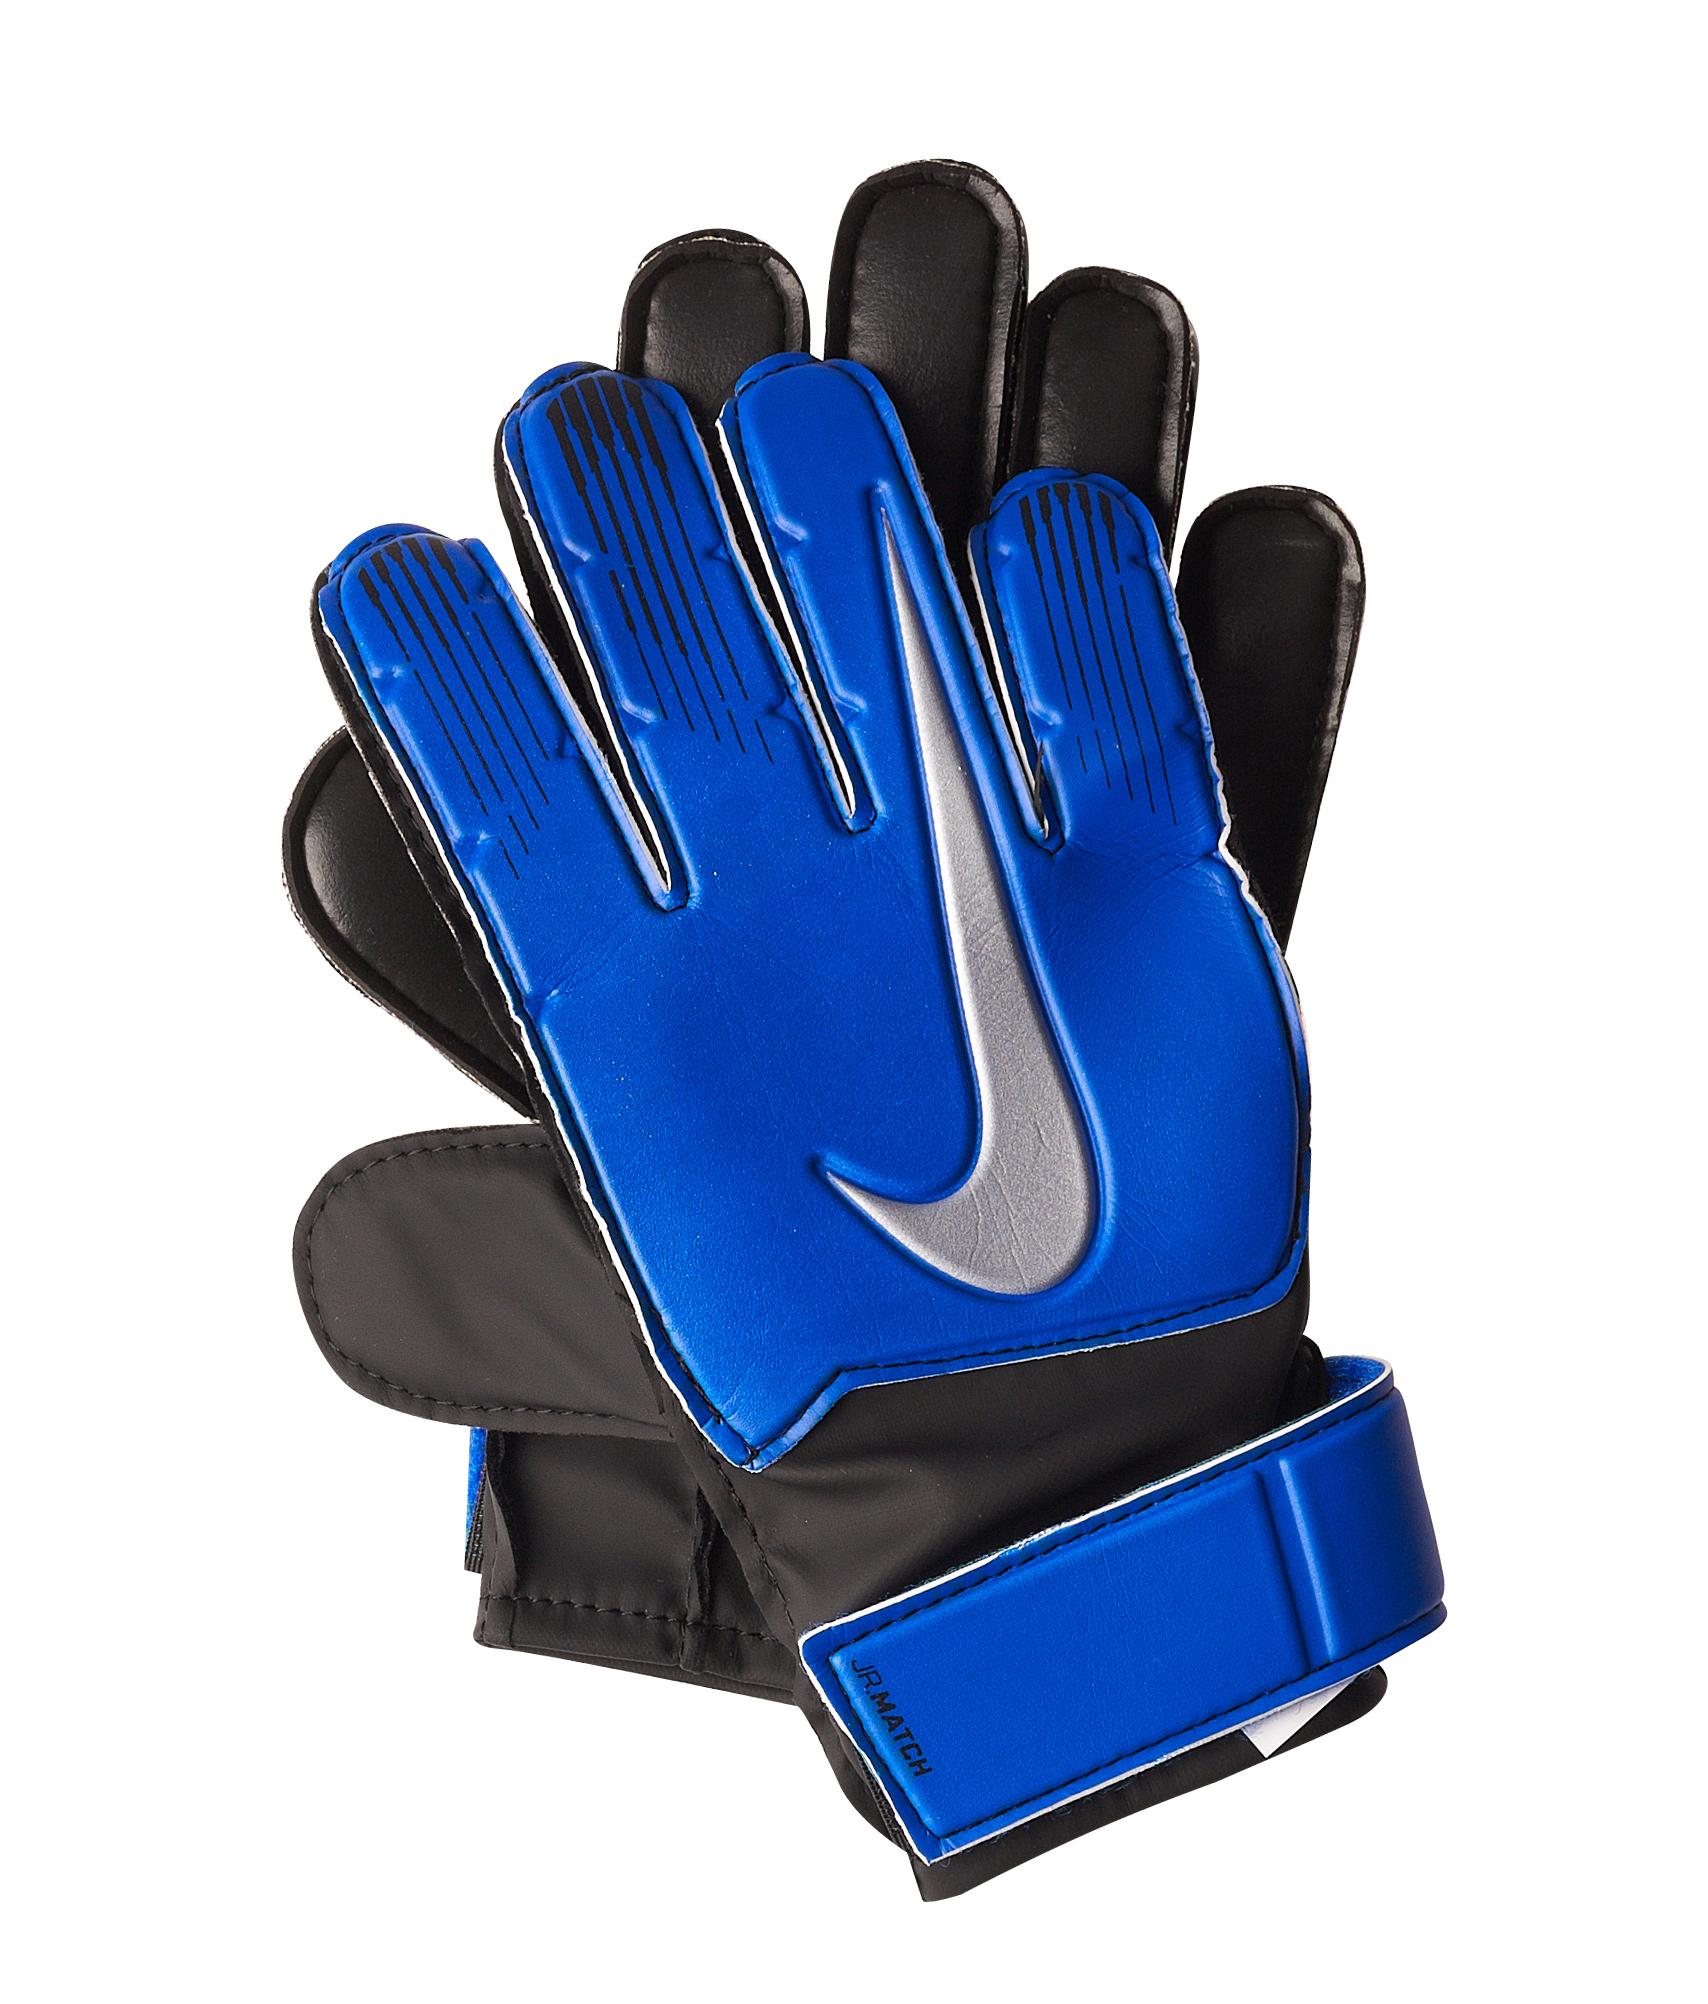 Перчатки вратарские детские Nike Nike Цвет-Синий перчатки вратаря nike gs3256 13